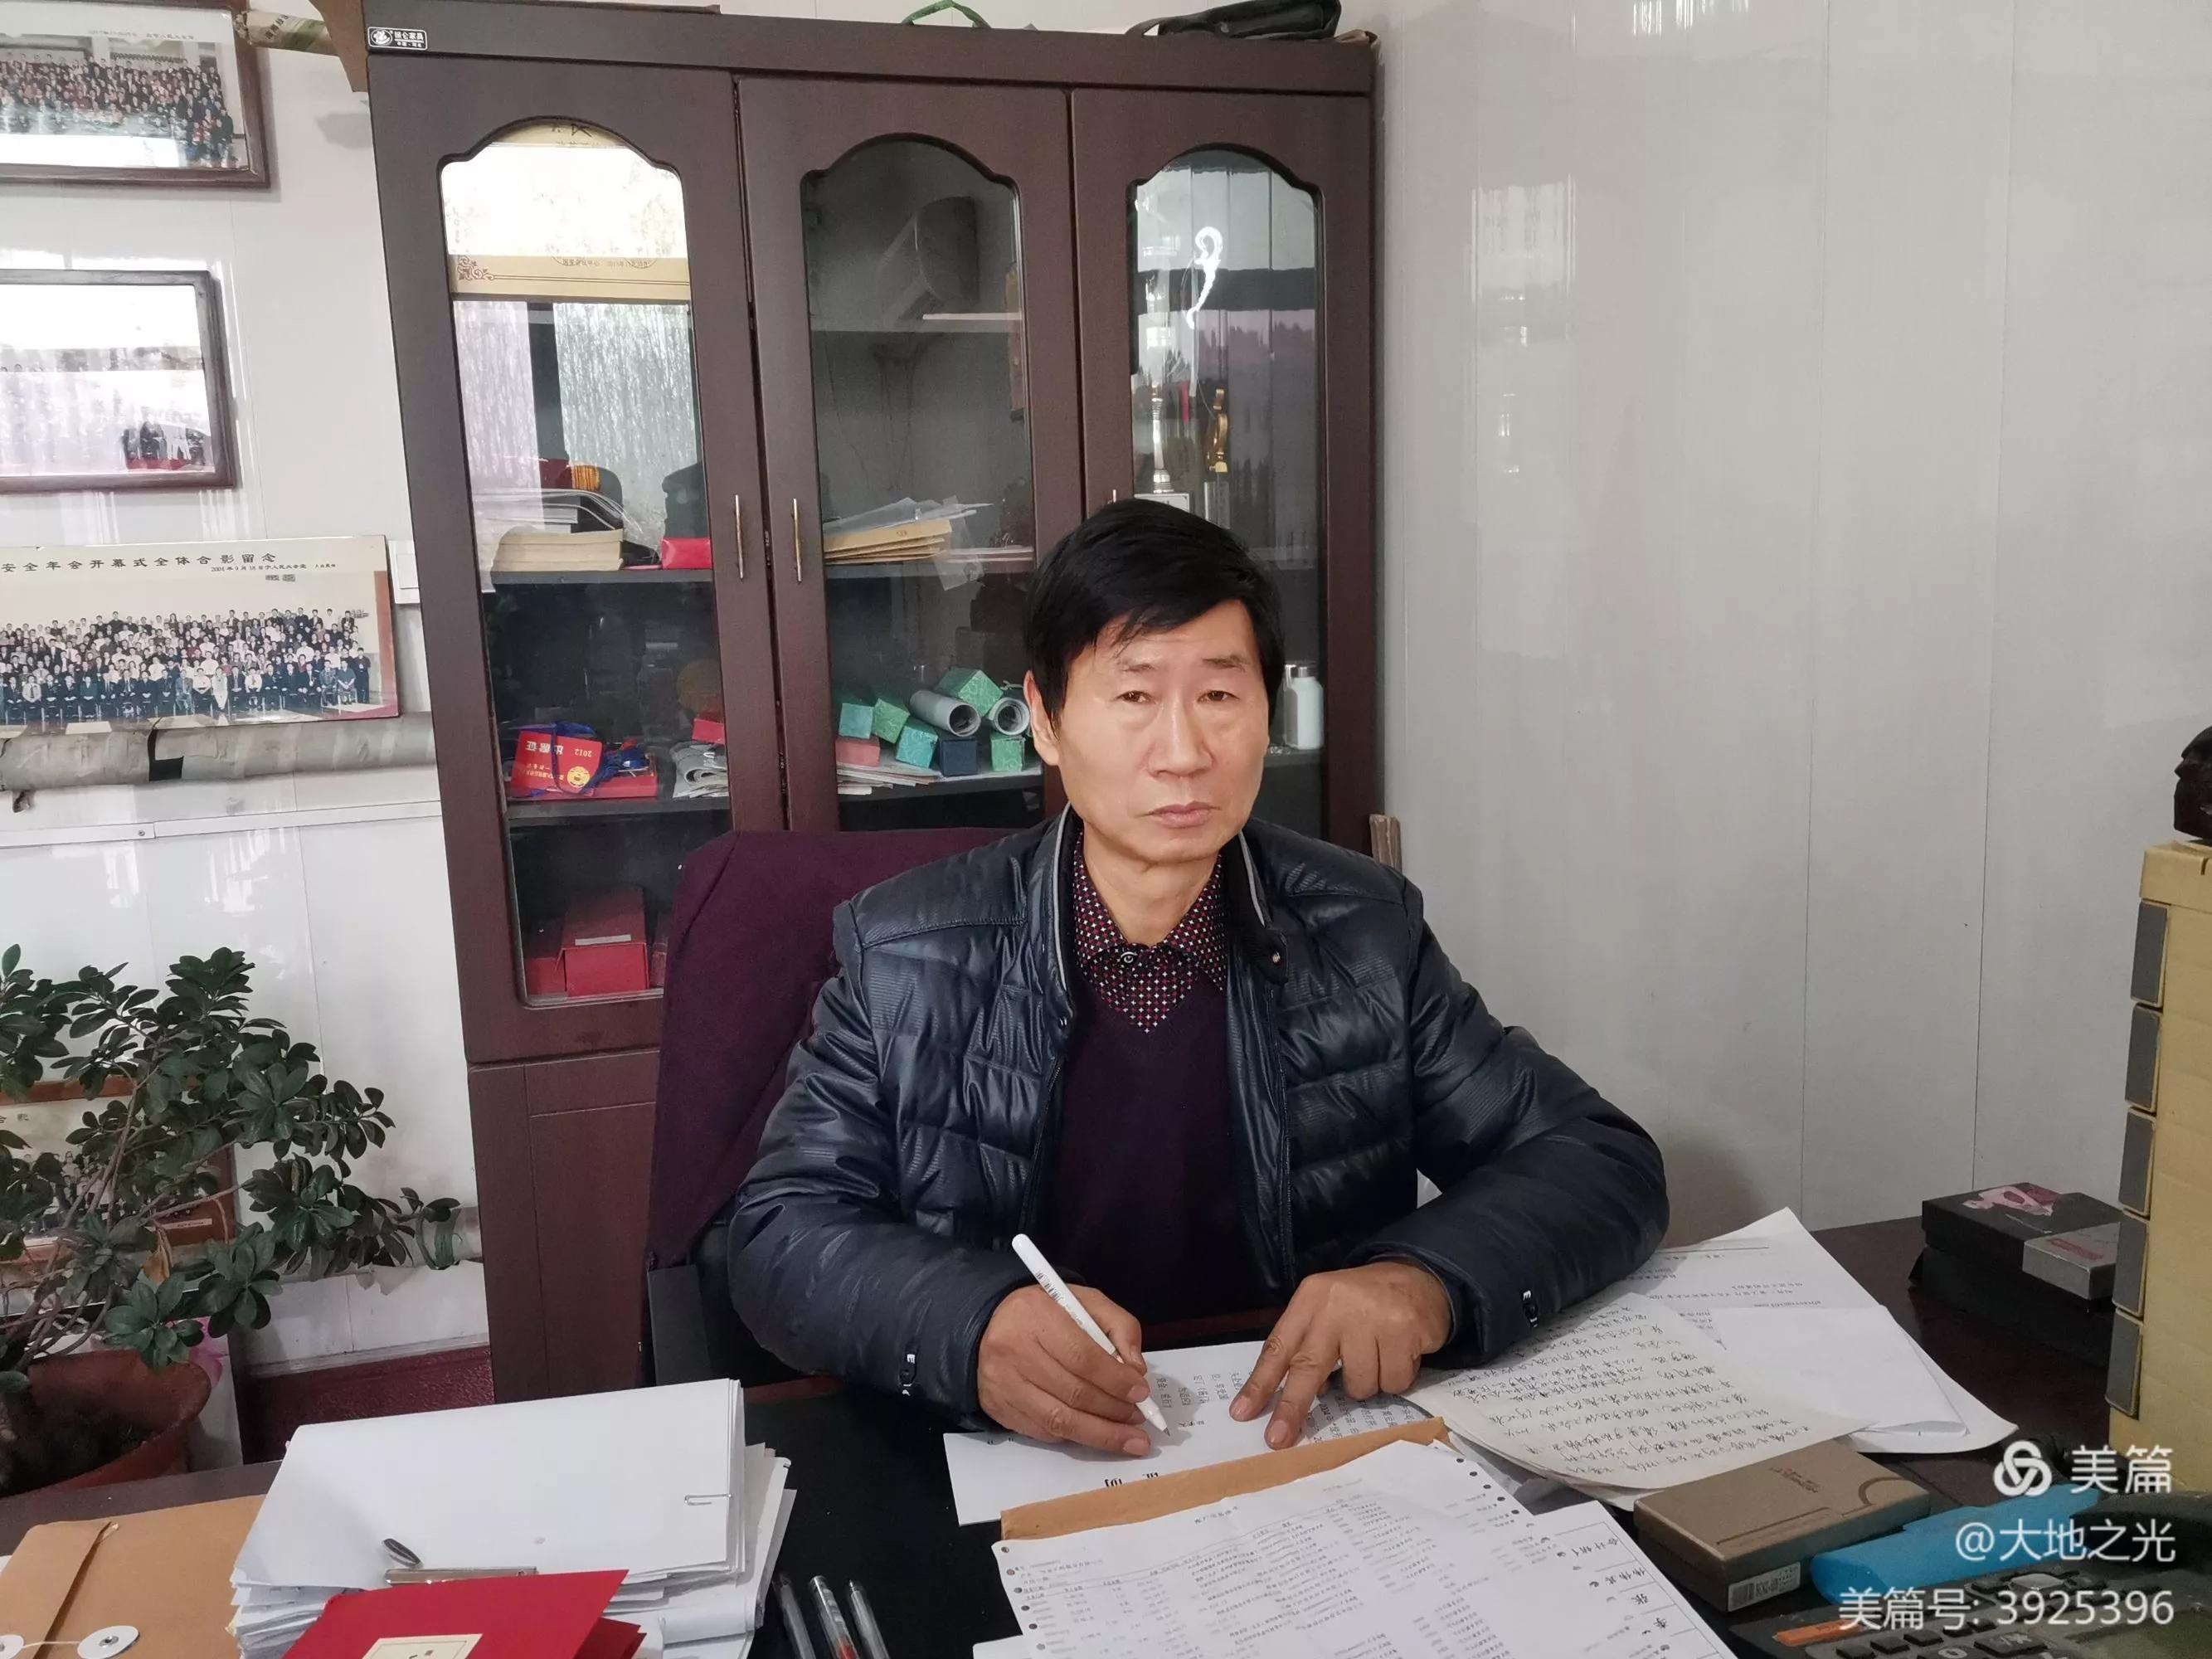 靠匠心打造品牌用真诚回报——河北天顺酱业有限公司董事长裴小渠